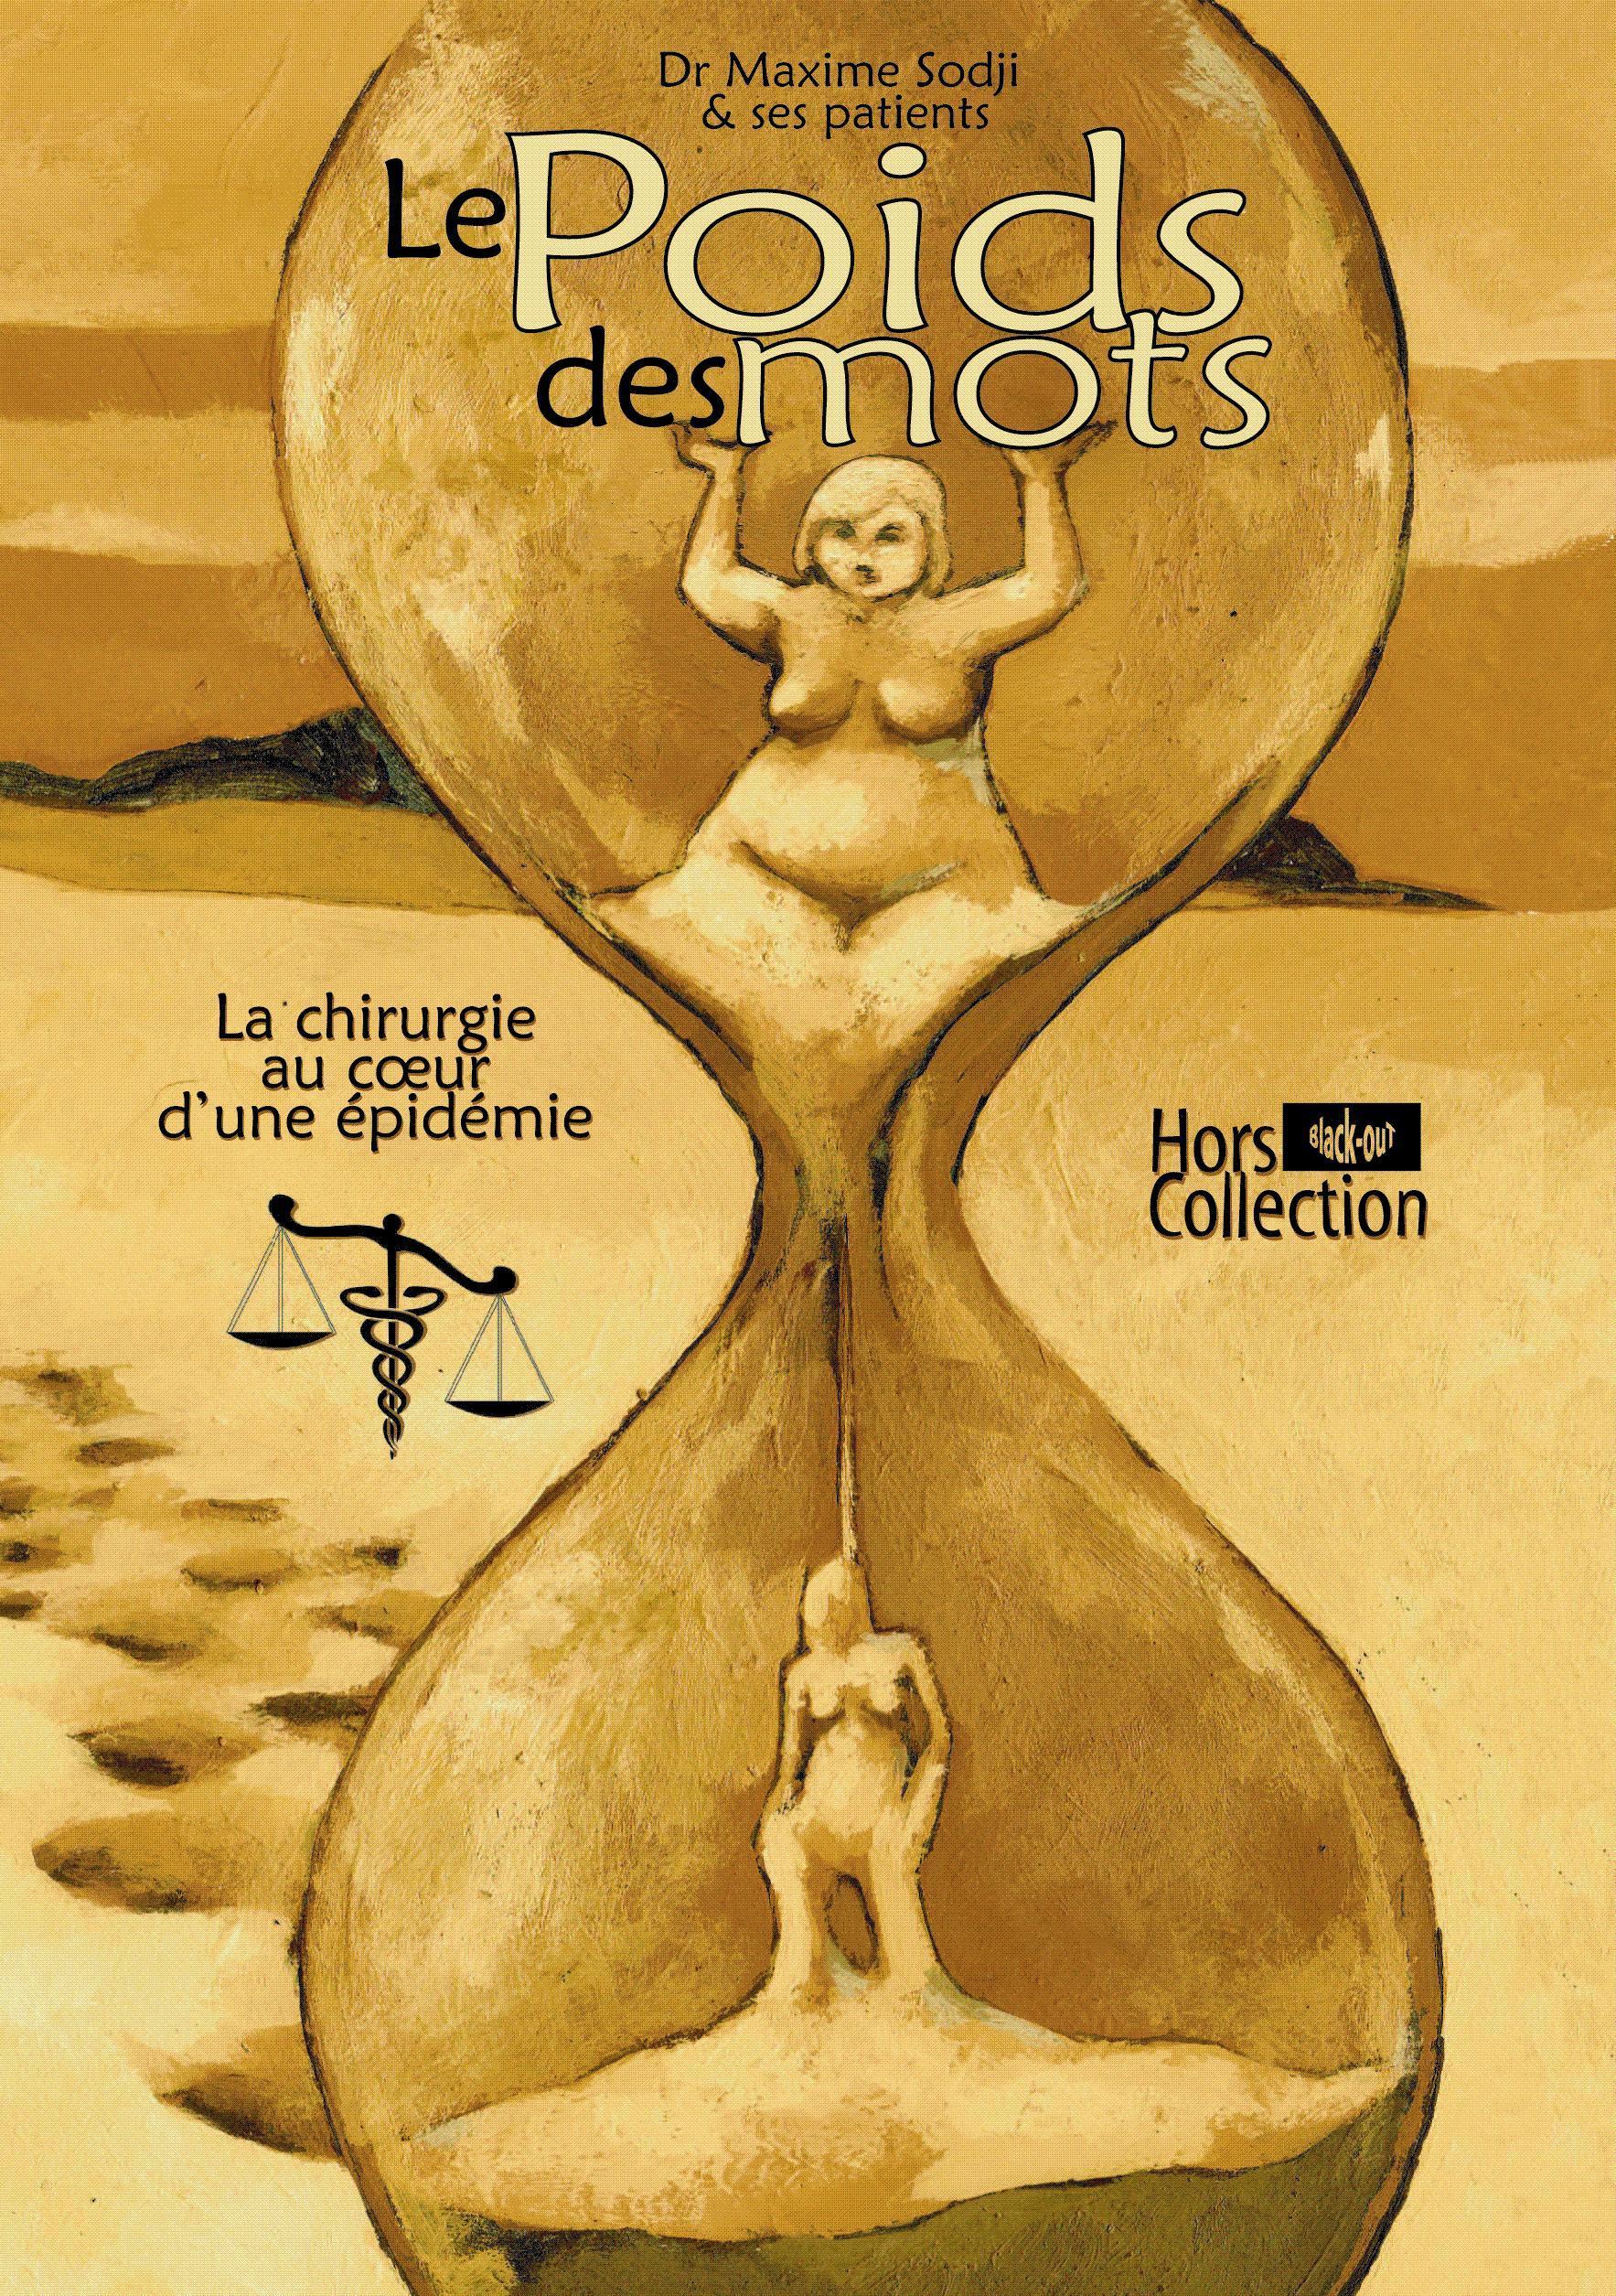 LE POIDS DES MOTS - LA CHIRURGIE AU COEUR D'UNE EPIDEMIE